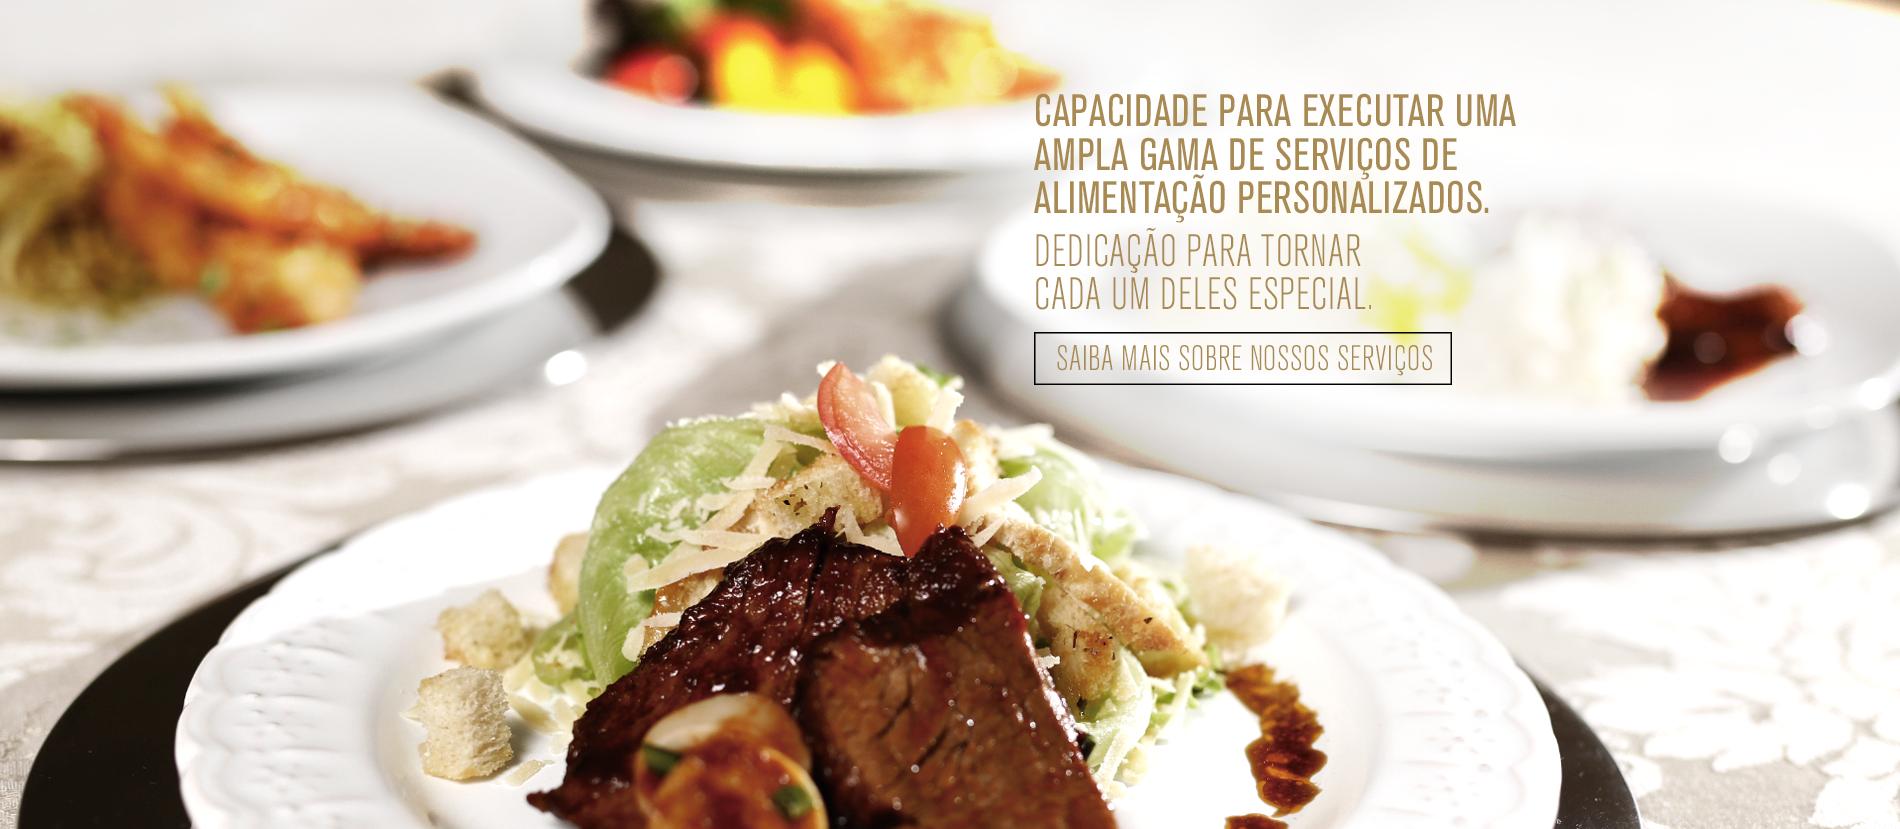 [Capacidade para executar uma ampla gama de serviços de alimentação personalizados]